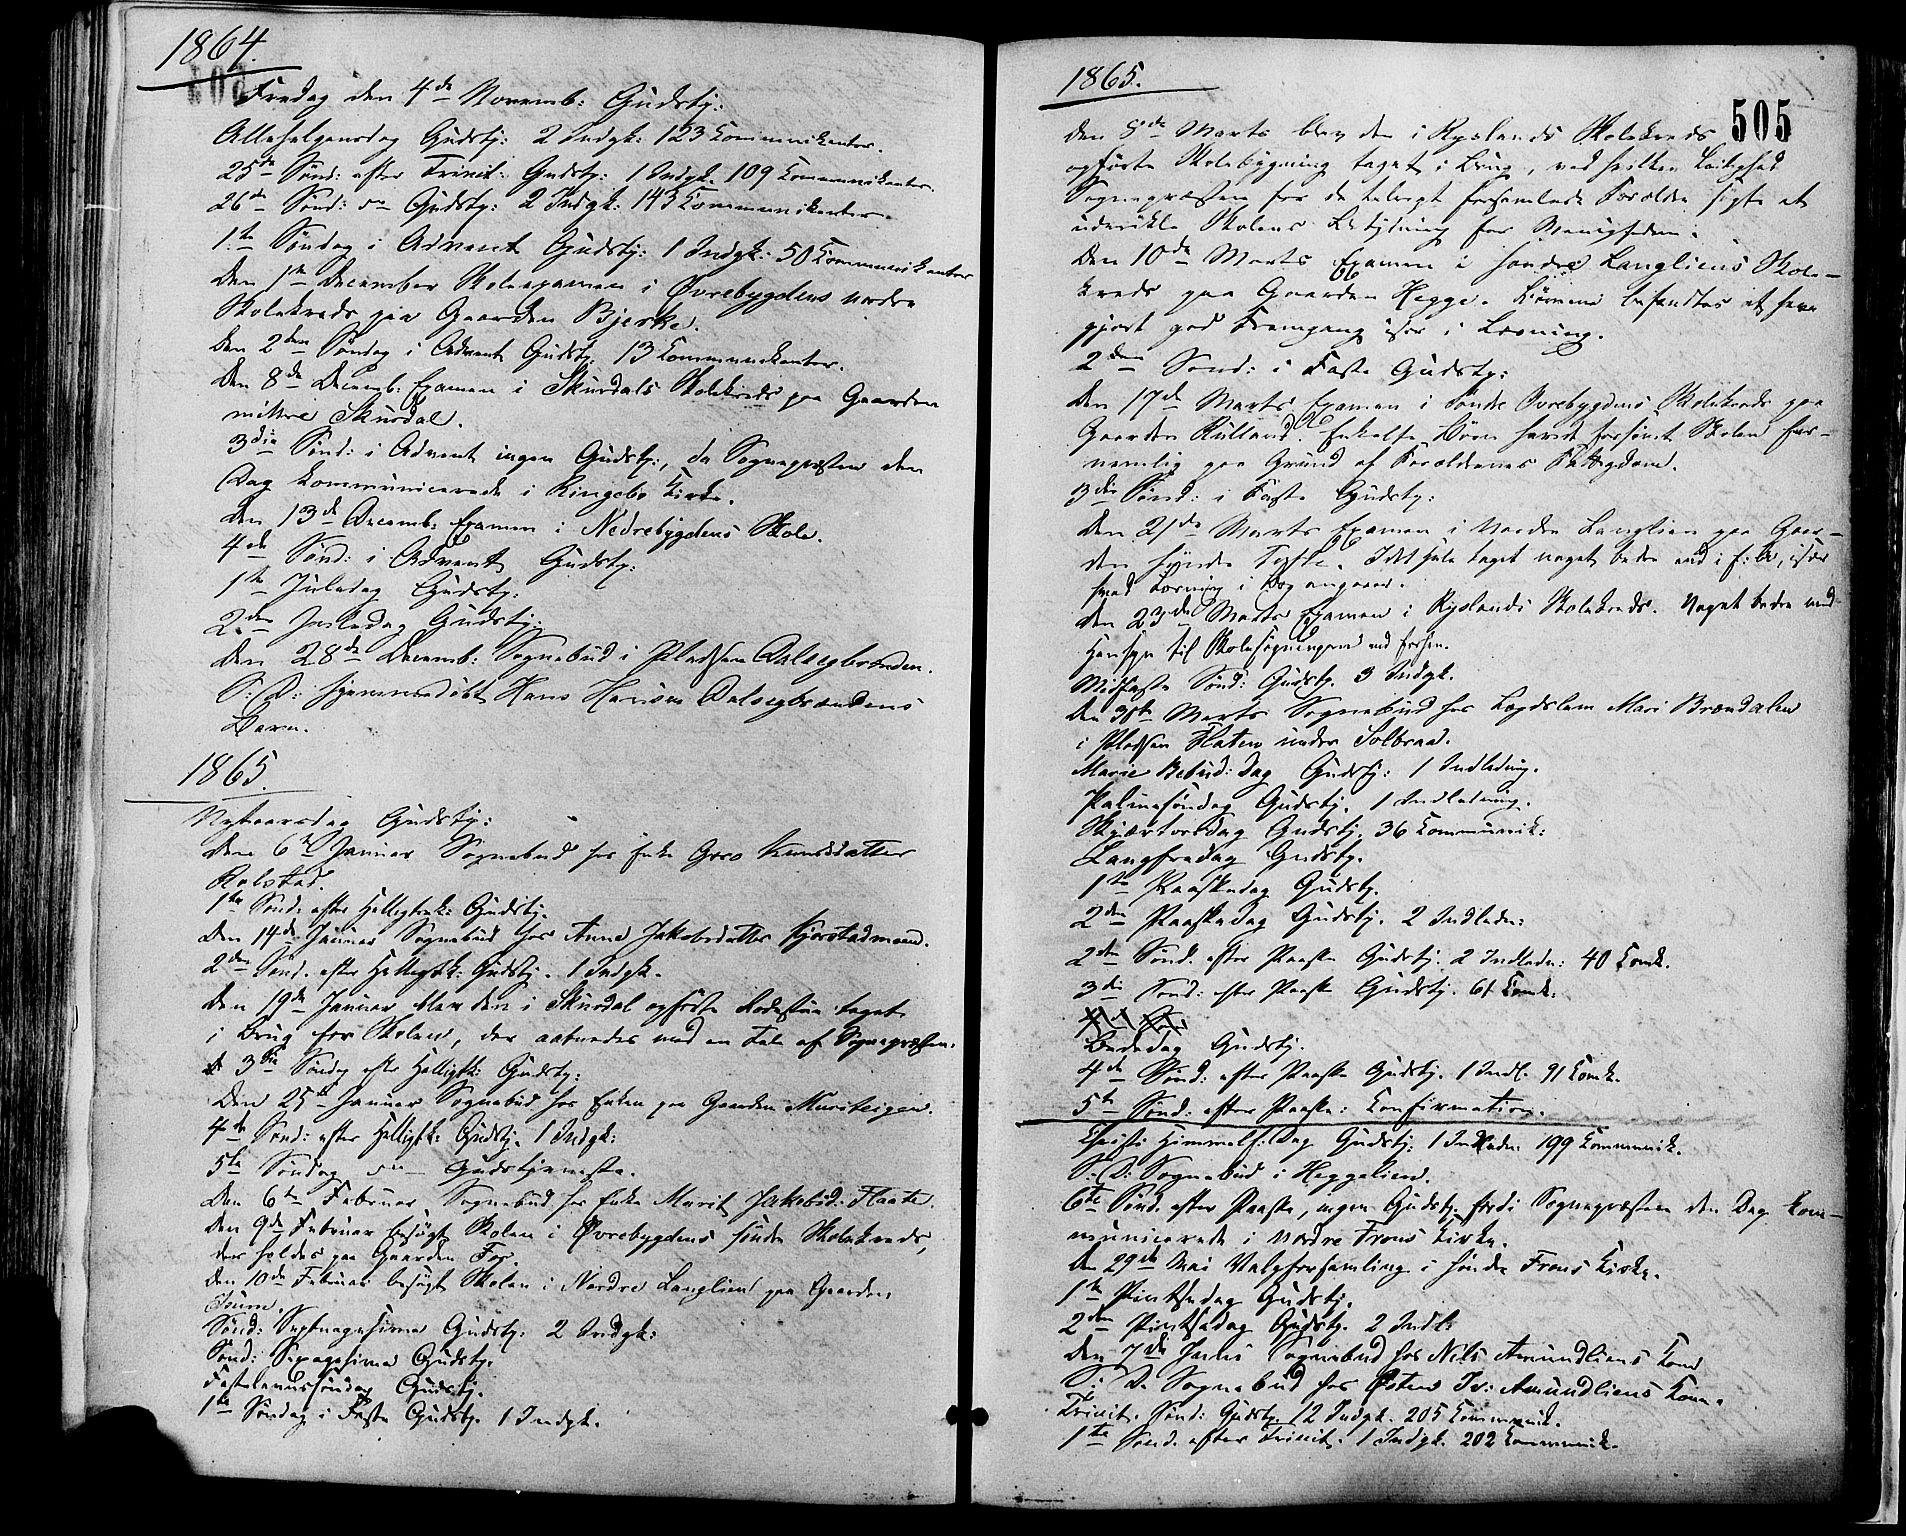 SAH, Sør-Fron prestekontor, H/Ha/Haa/L0002: Ministerialbok nr. 2, 1864-1880, s. 505